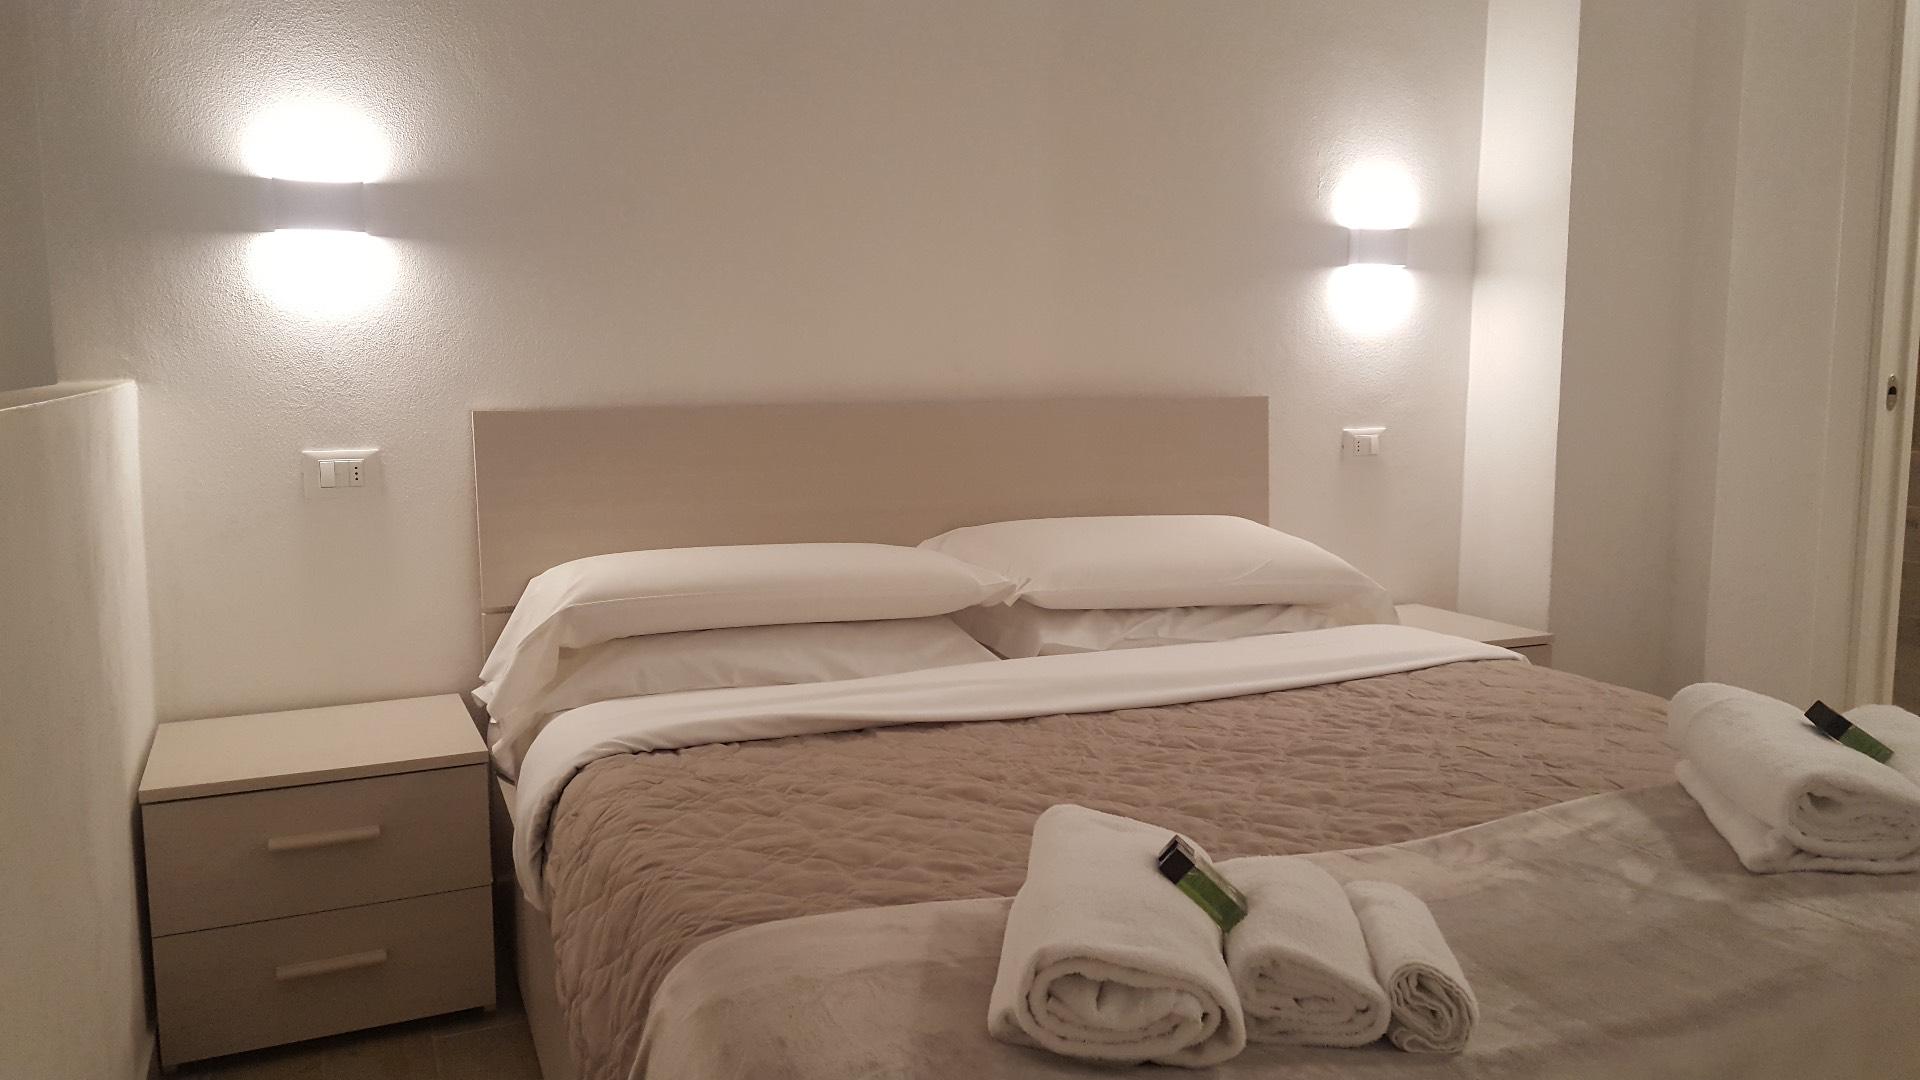 Appartamento in affitto a Verona, 1 locali, zona Località: Centrostorico, Trattative riservate | CambioCasa.it